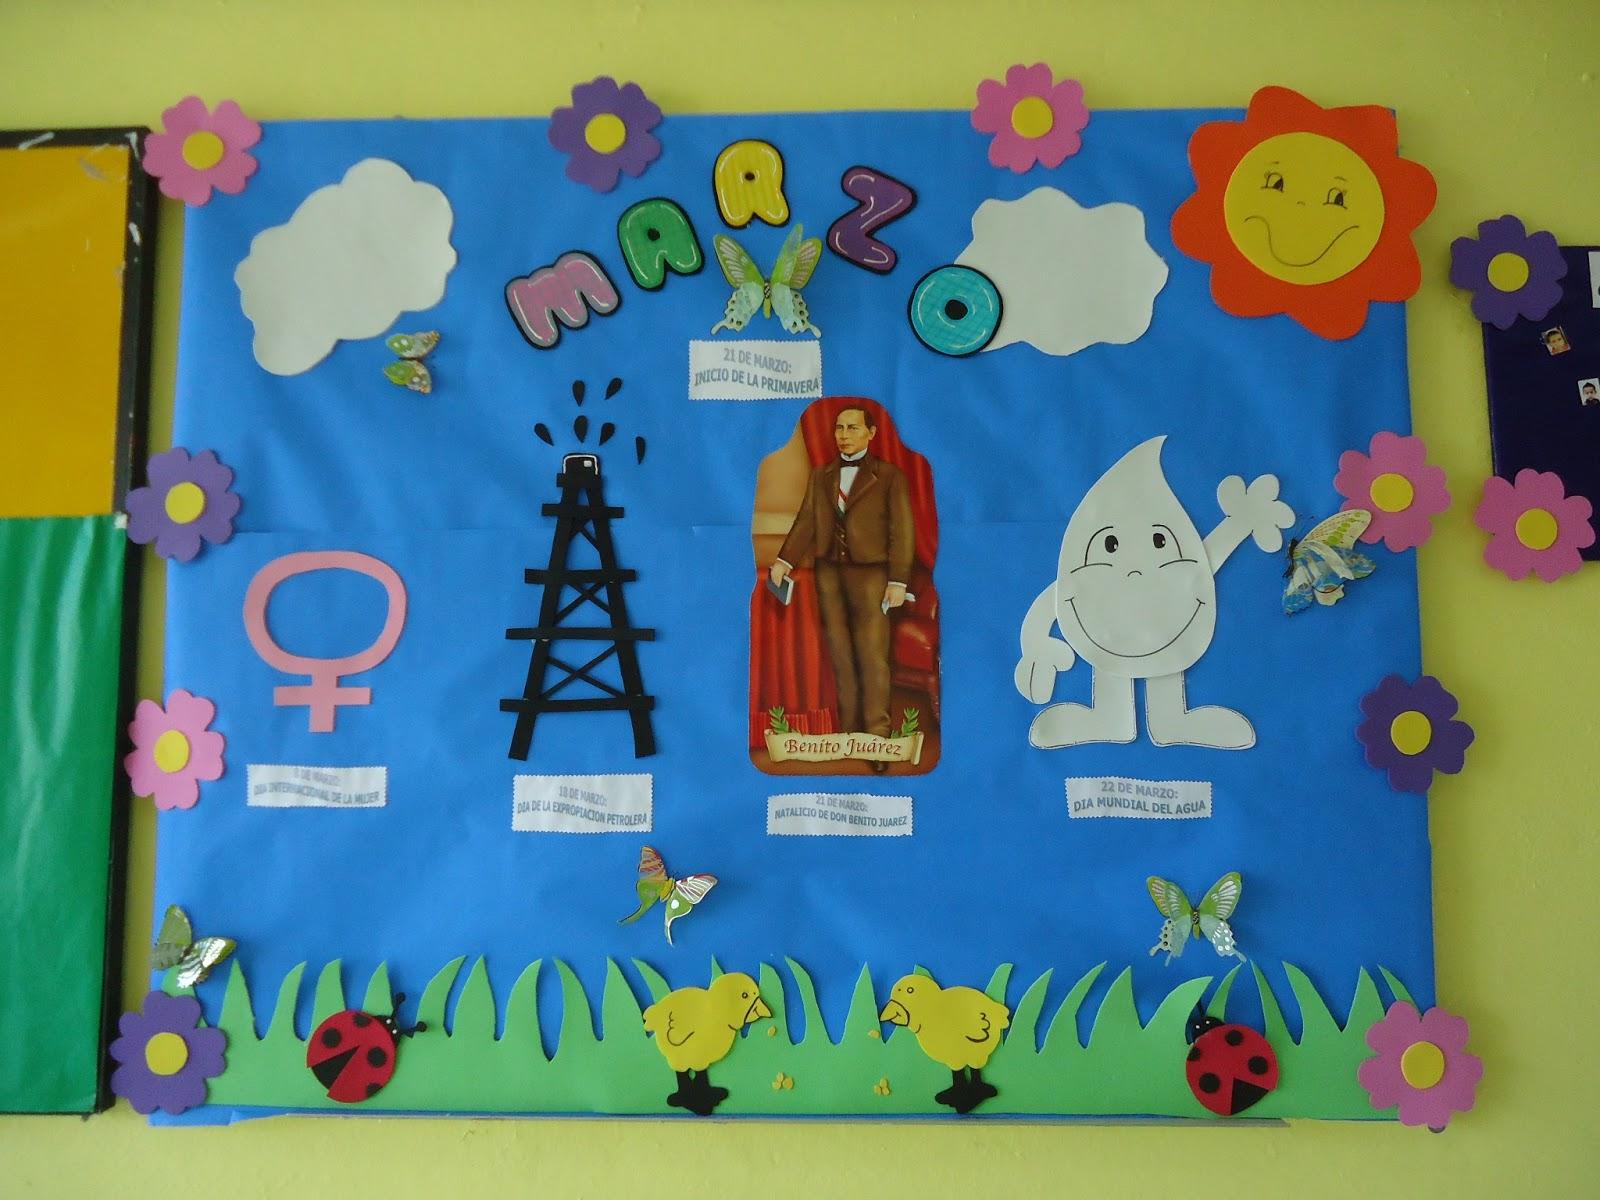 Periodicos mural de fin de curso escolar mejor conjunto for Concepto de periodico mural